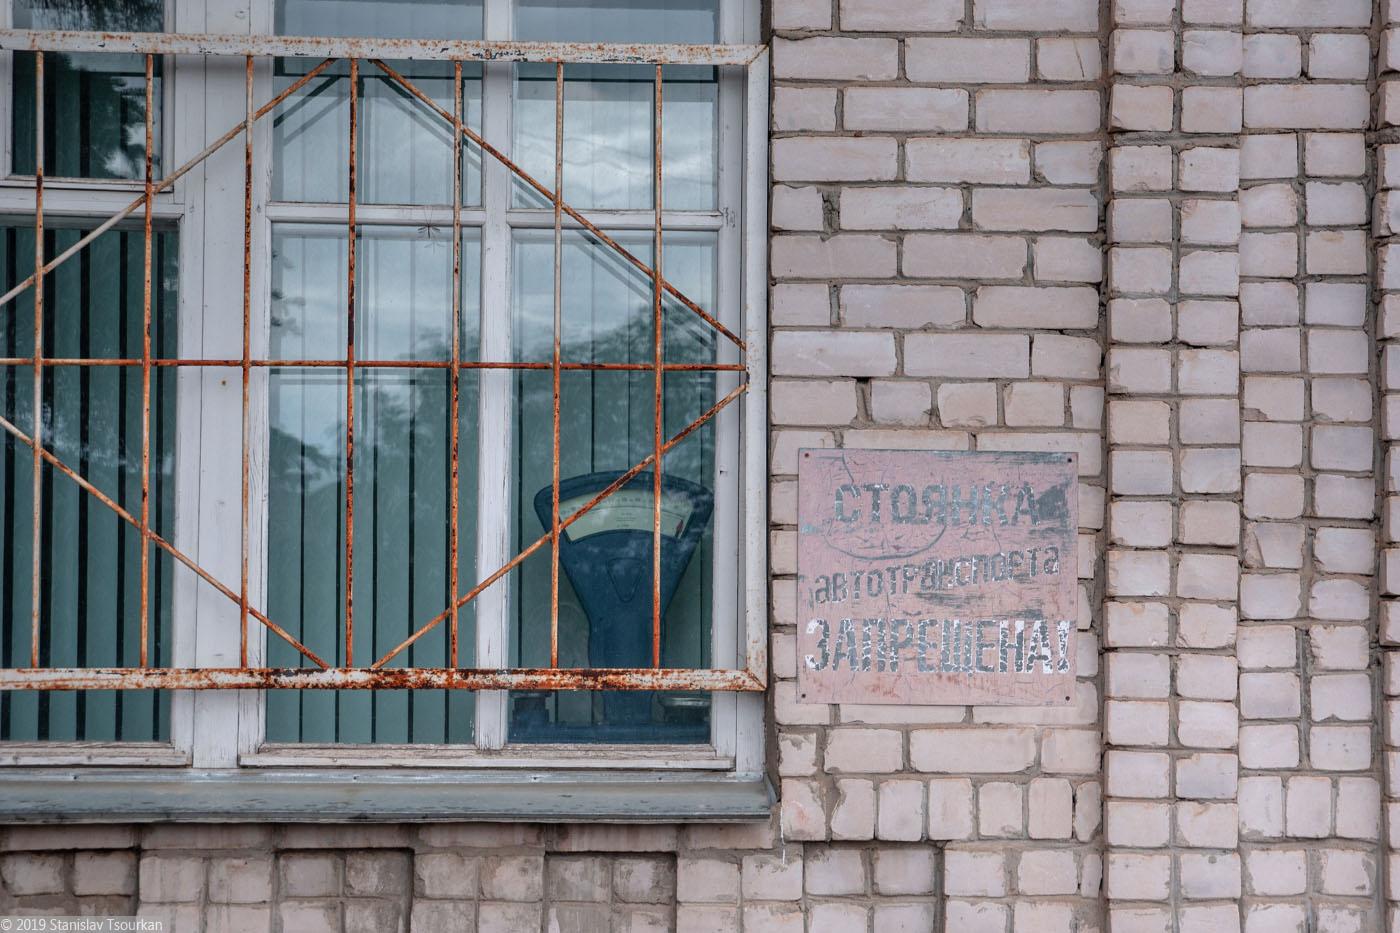 Вологодская область, Вологодчина, Великий устюг, Русский север, весы